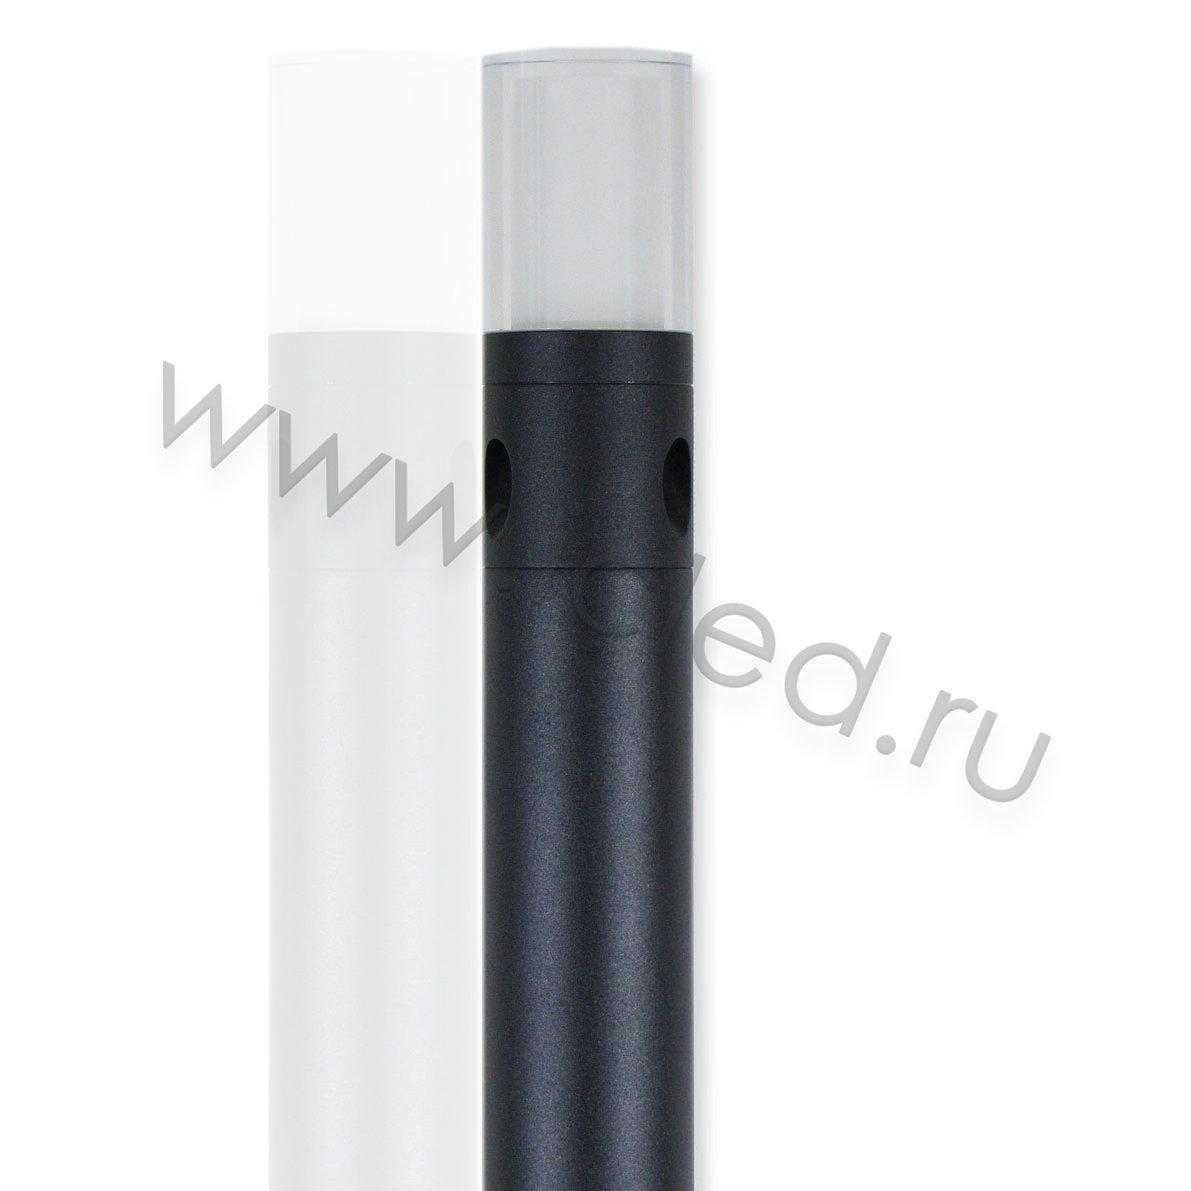 Светодиодный светильник столбик UCR7802D-1000 BA, White